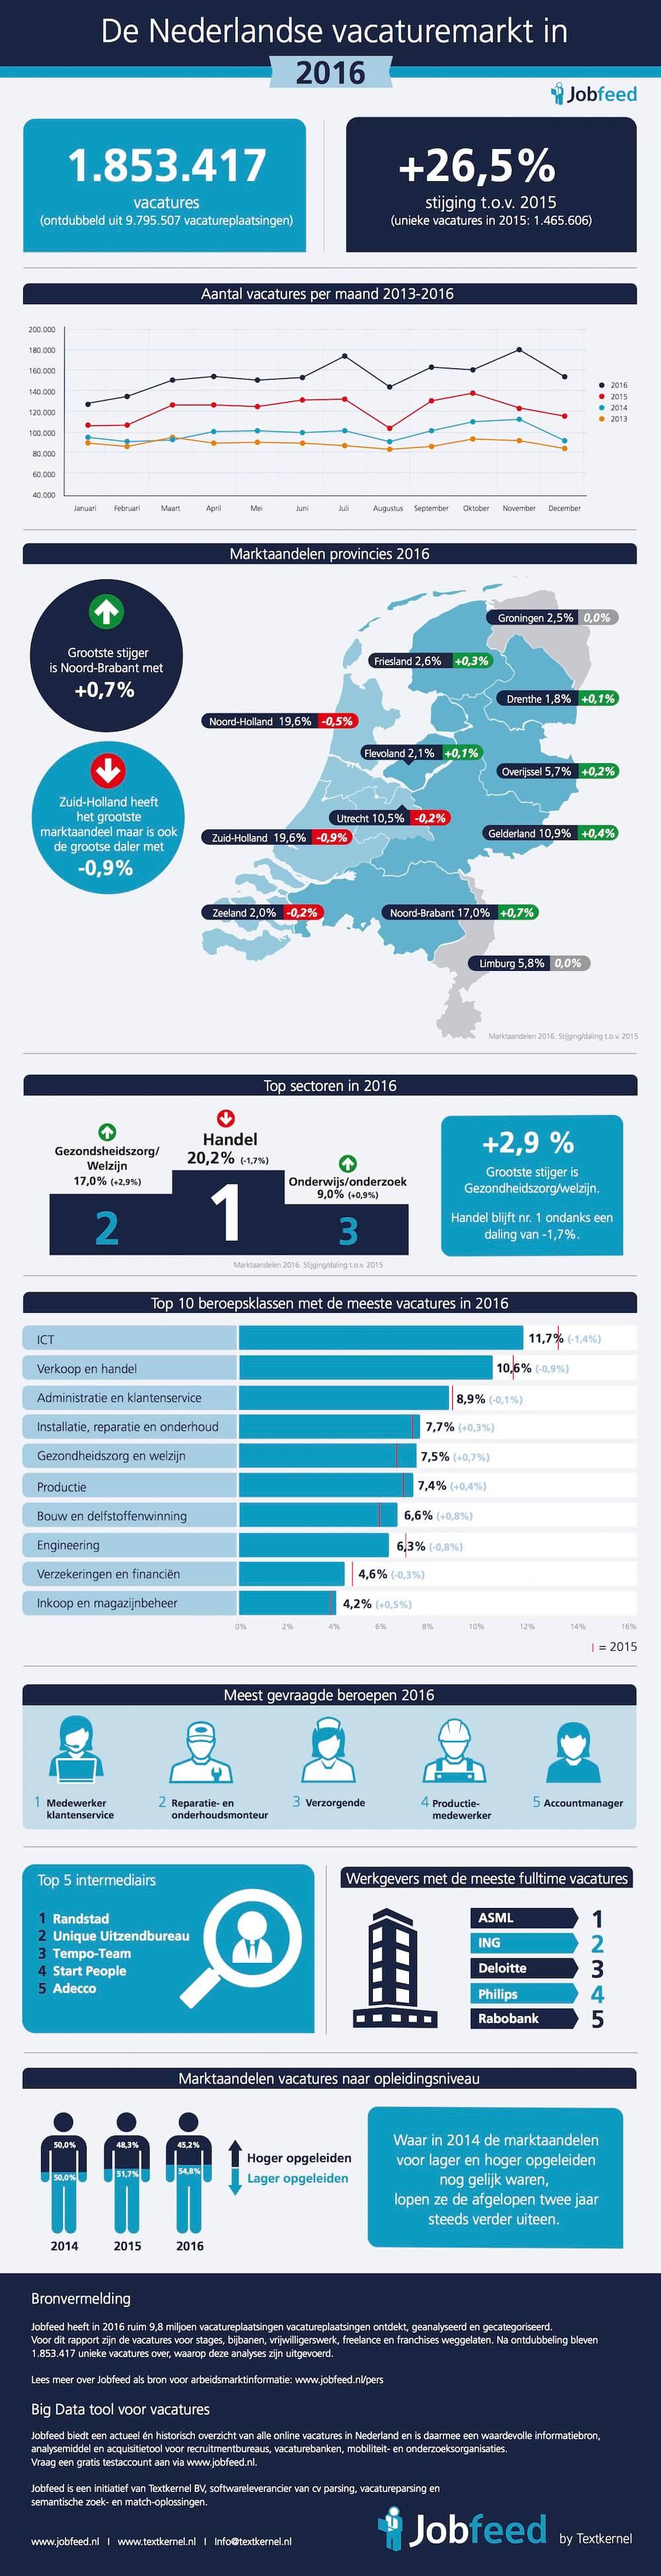 De Nederlandse online vacaturemarkt in 2016